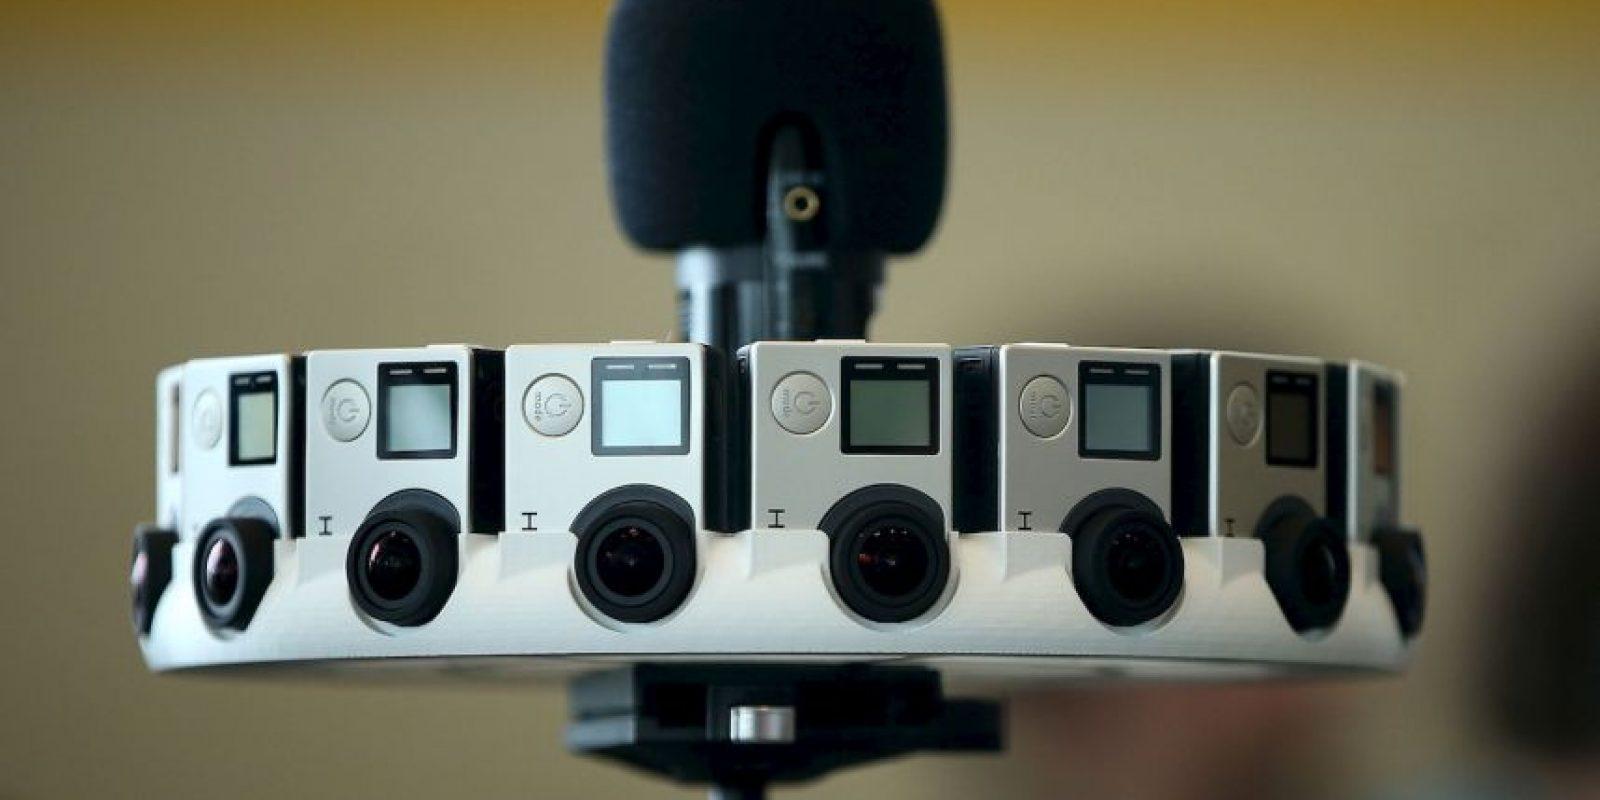 También pueden configurarse para funcionar de forma automática con una mínima intervención, o para ser controladas de forma remota Foto:Getty Images